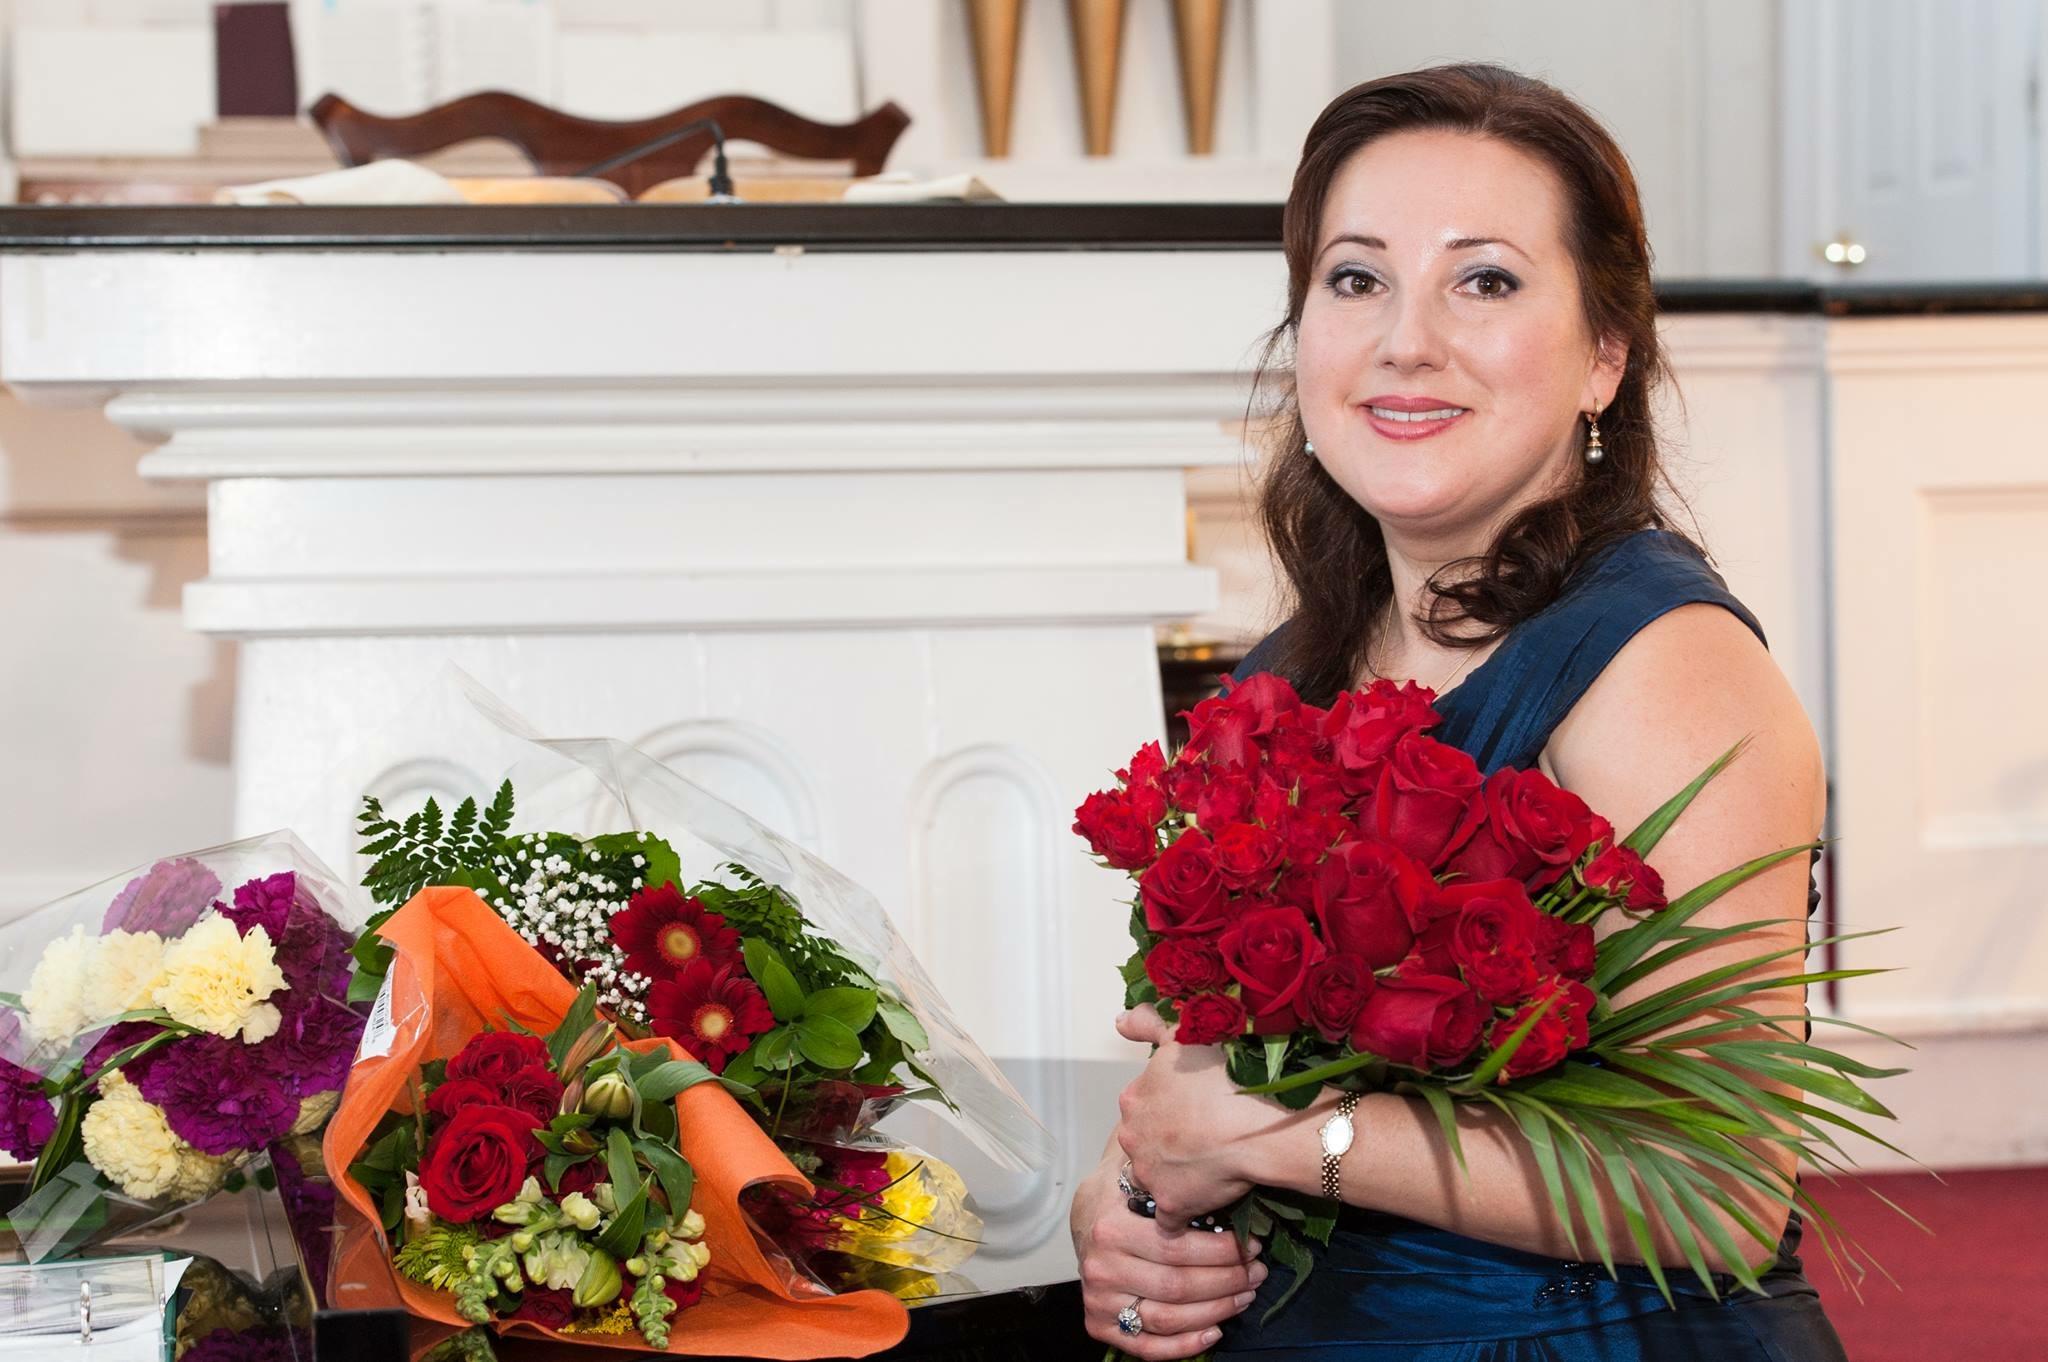 Liliya Bikbova